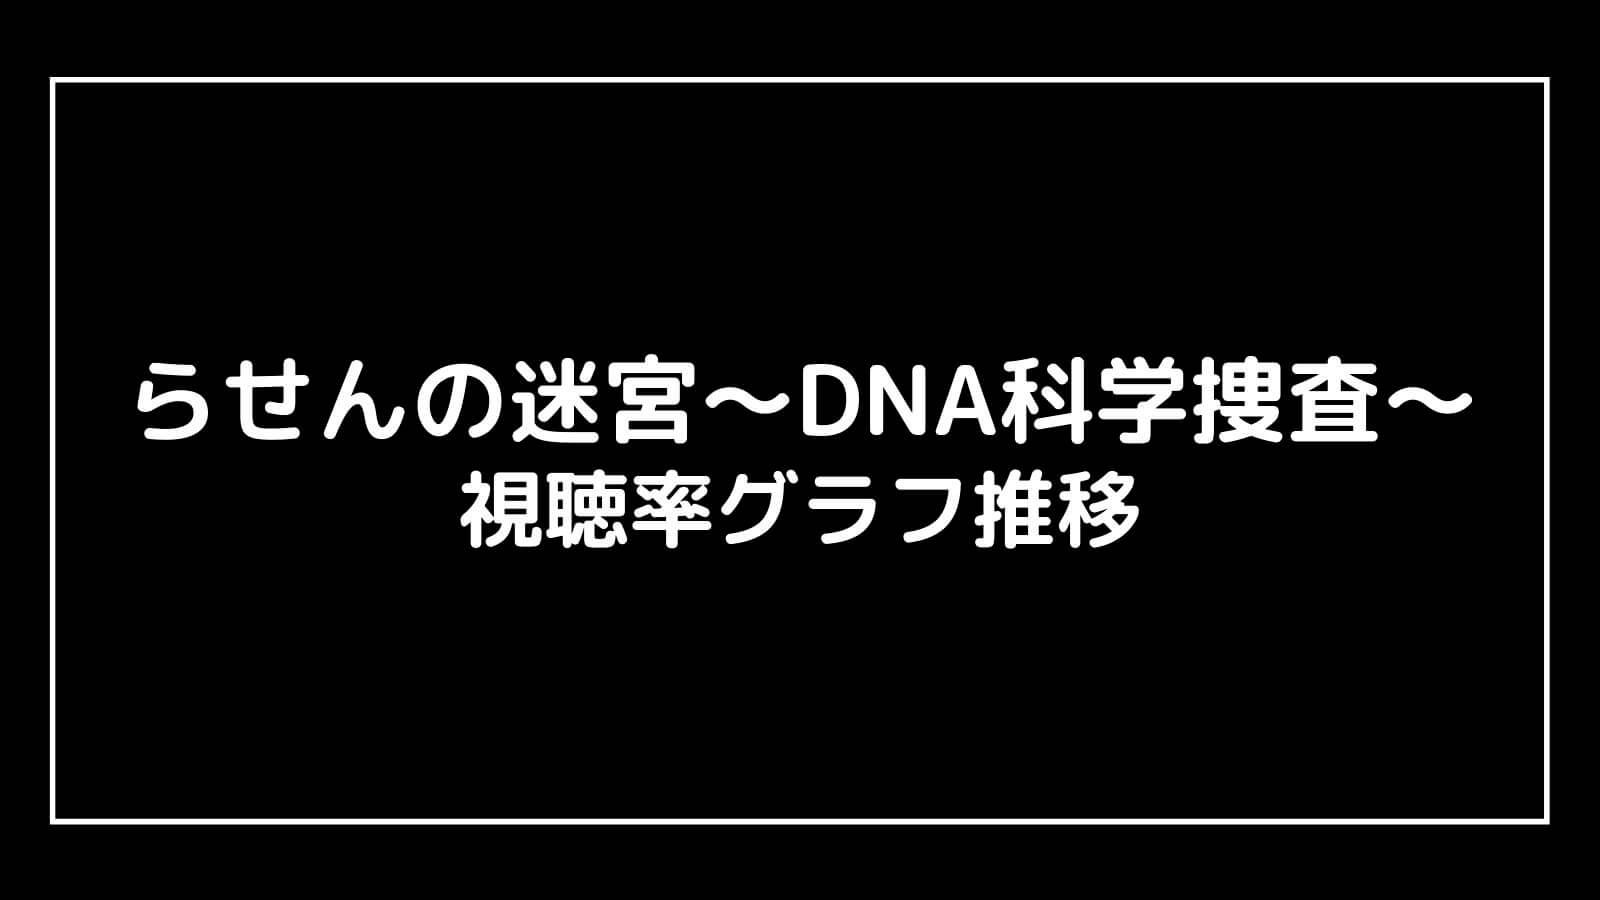 『らせんの迷宮〜DNA科学捜査〜』現在の視聴率速報と最終回までのグラフ推移